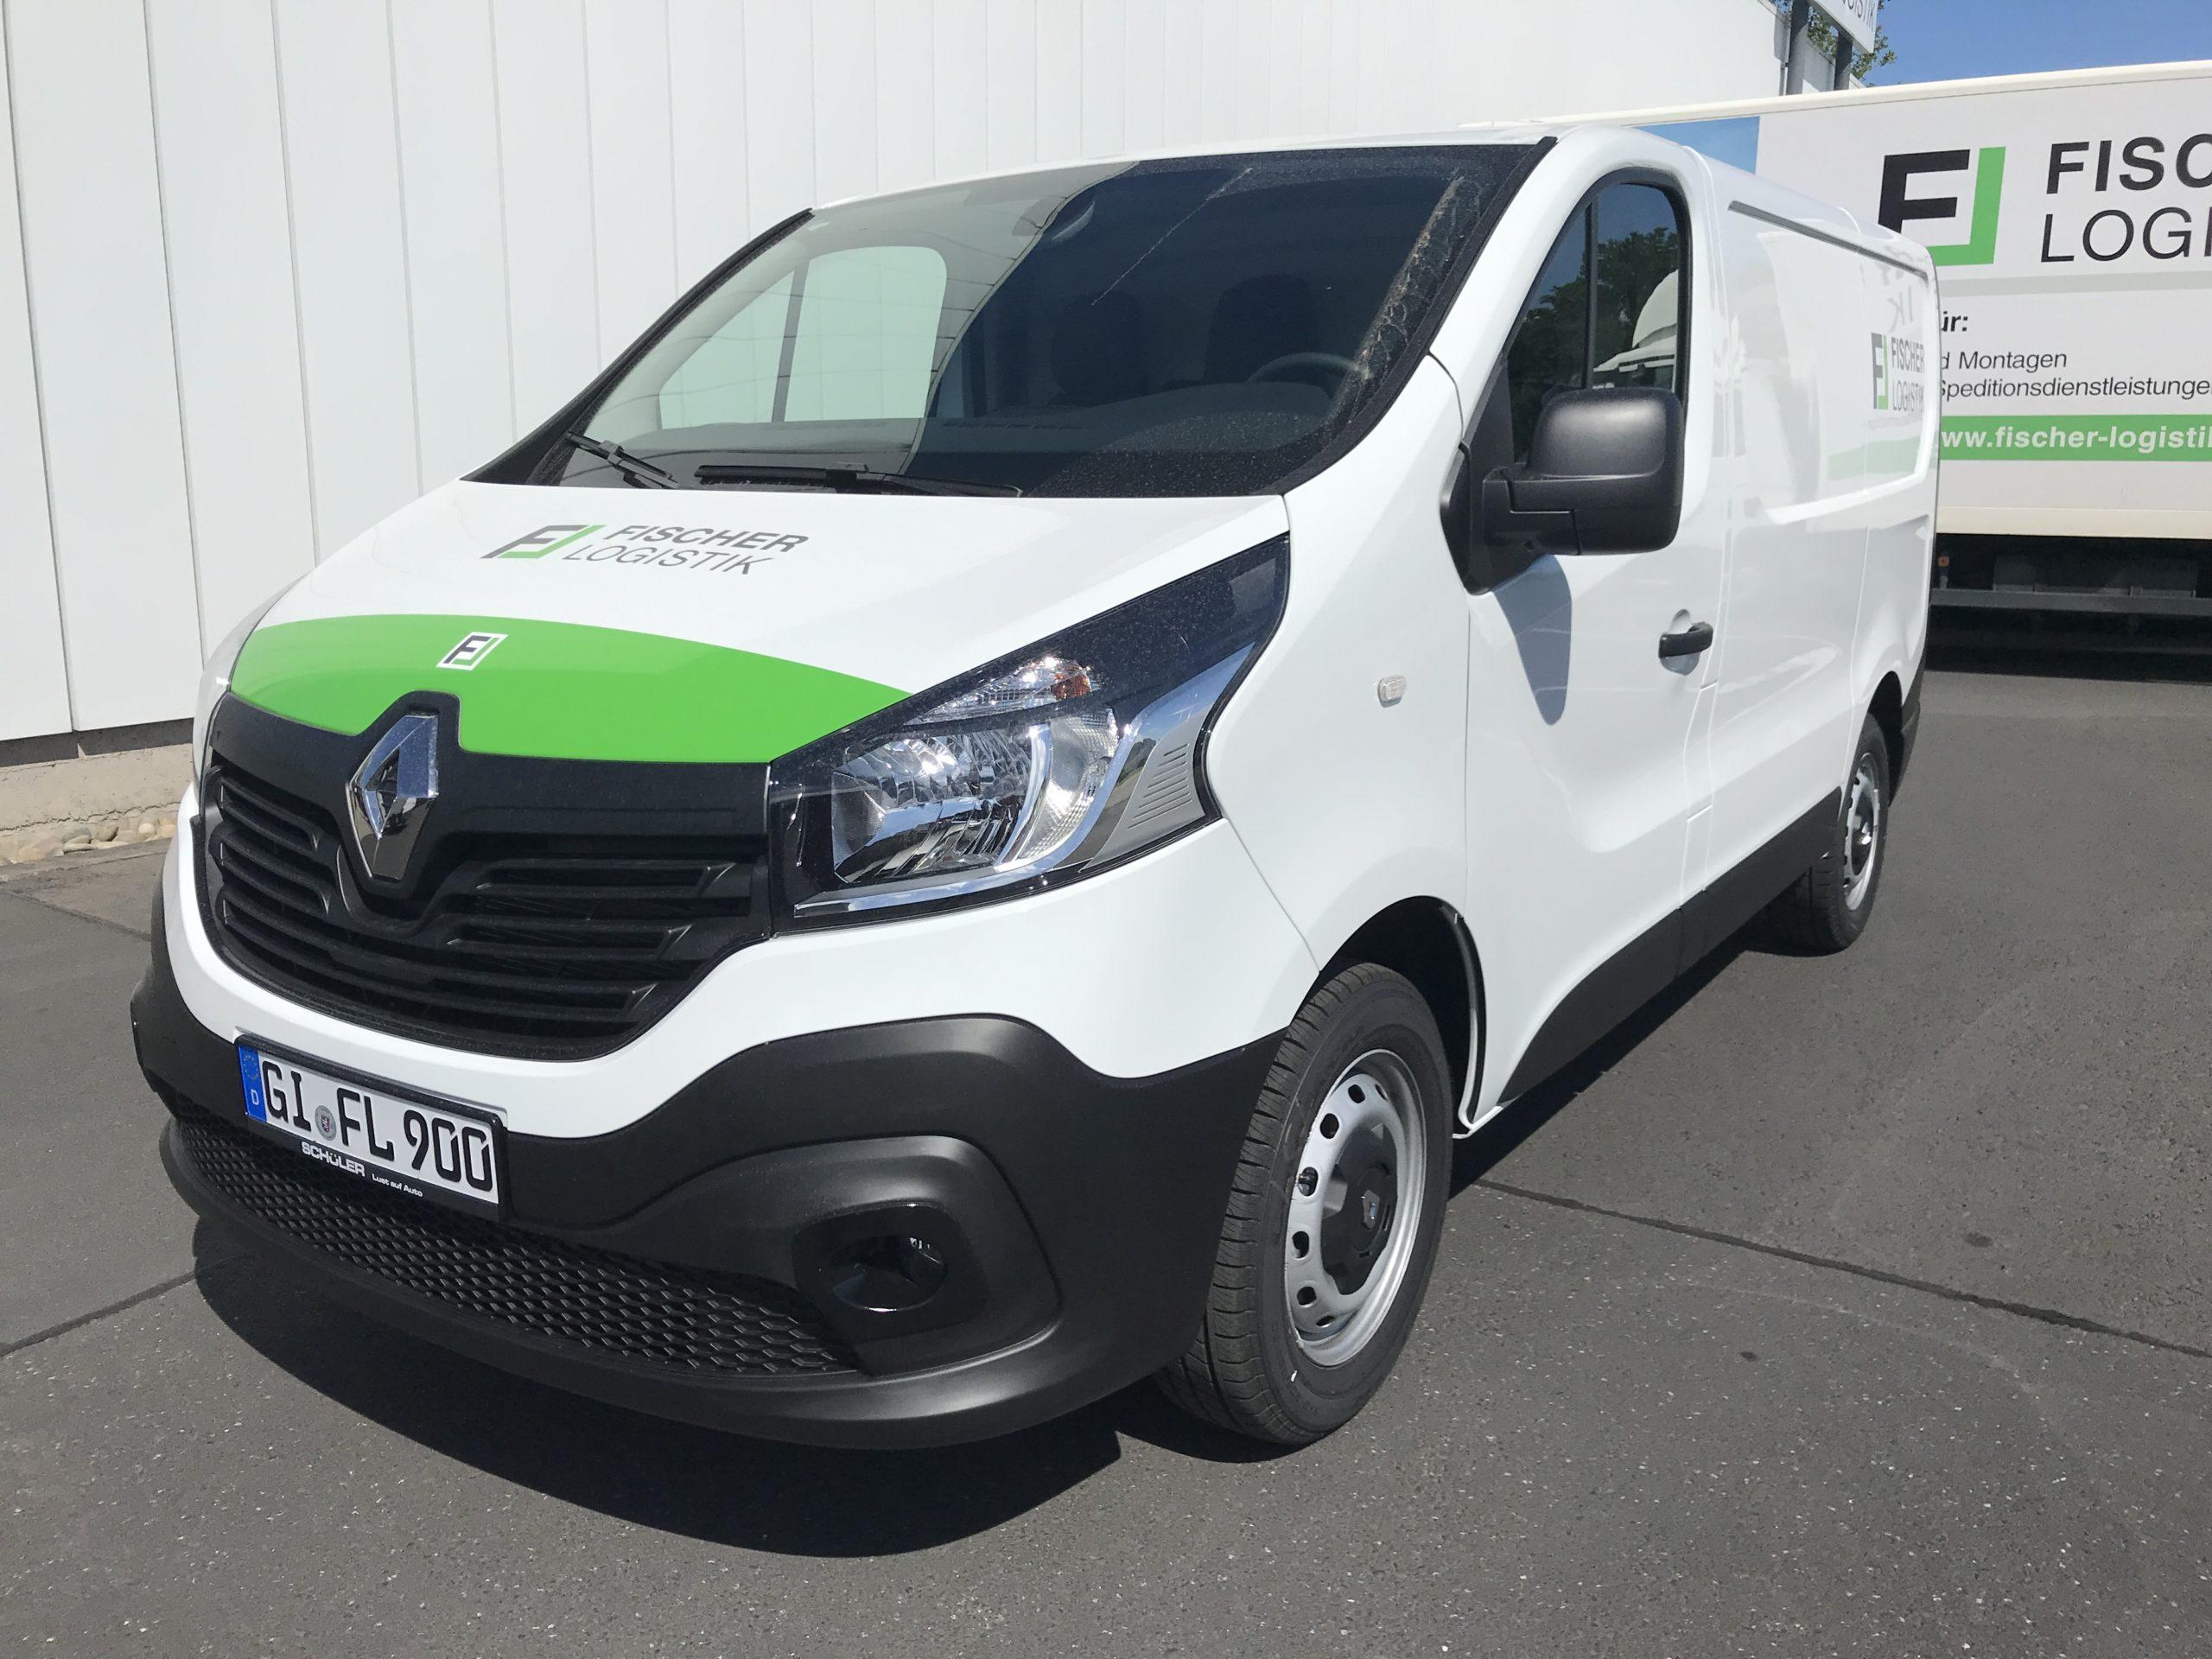 Vermietung Renault Trafic Fischer Logistik